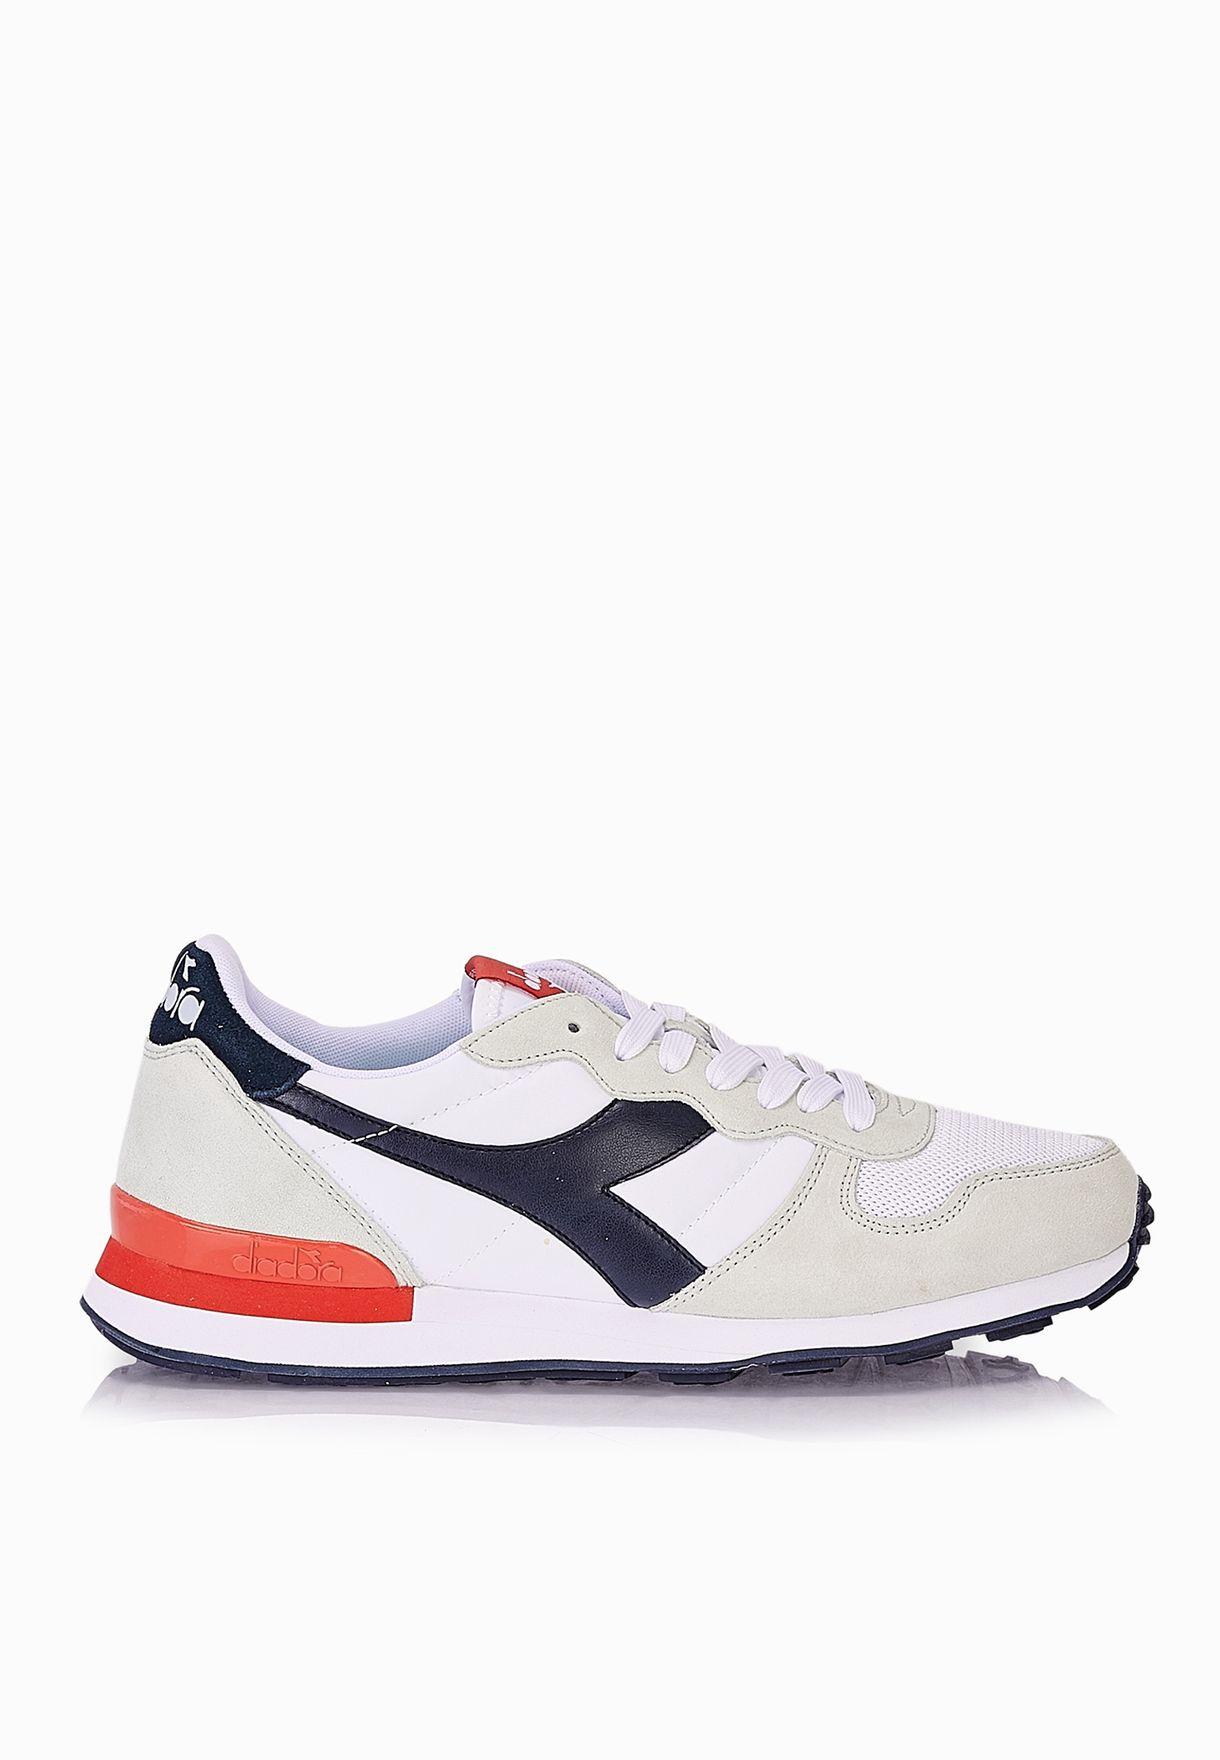 09a69085e2 Camaro Sneakers